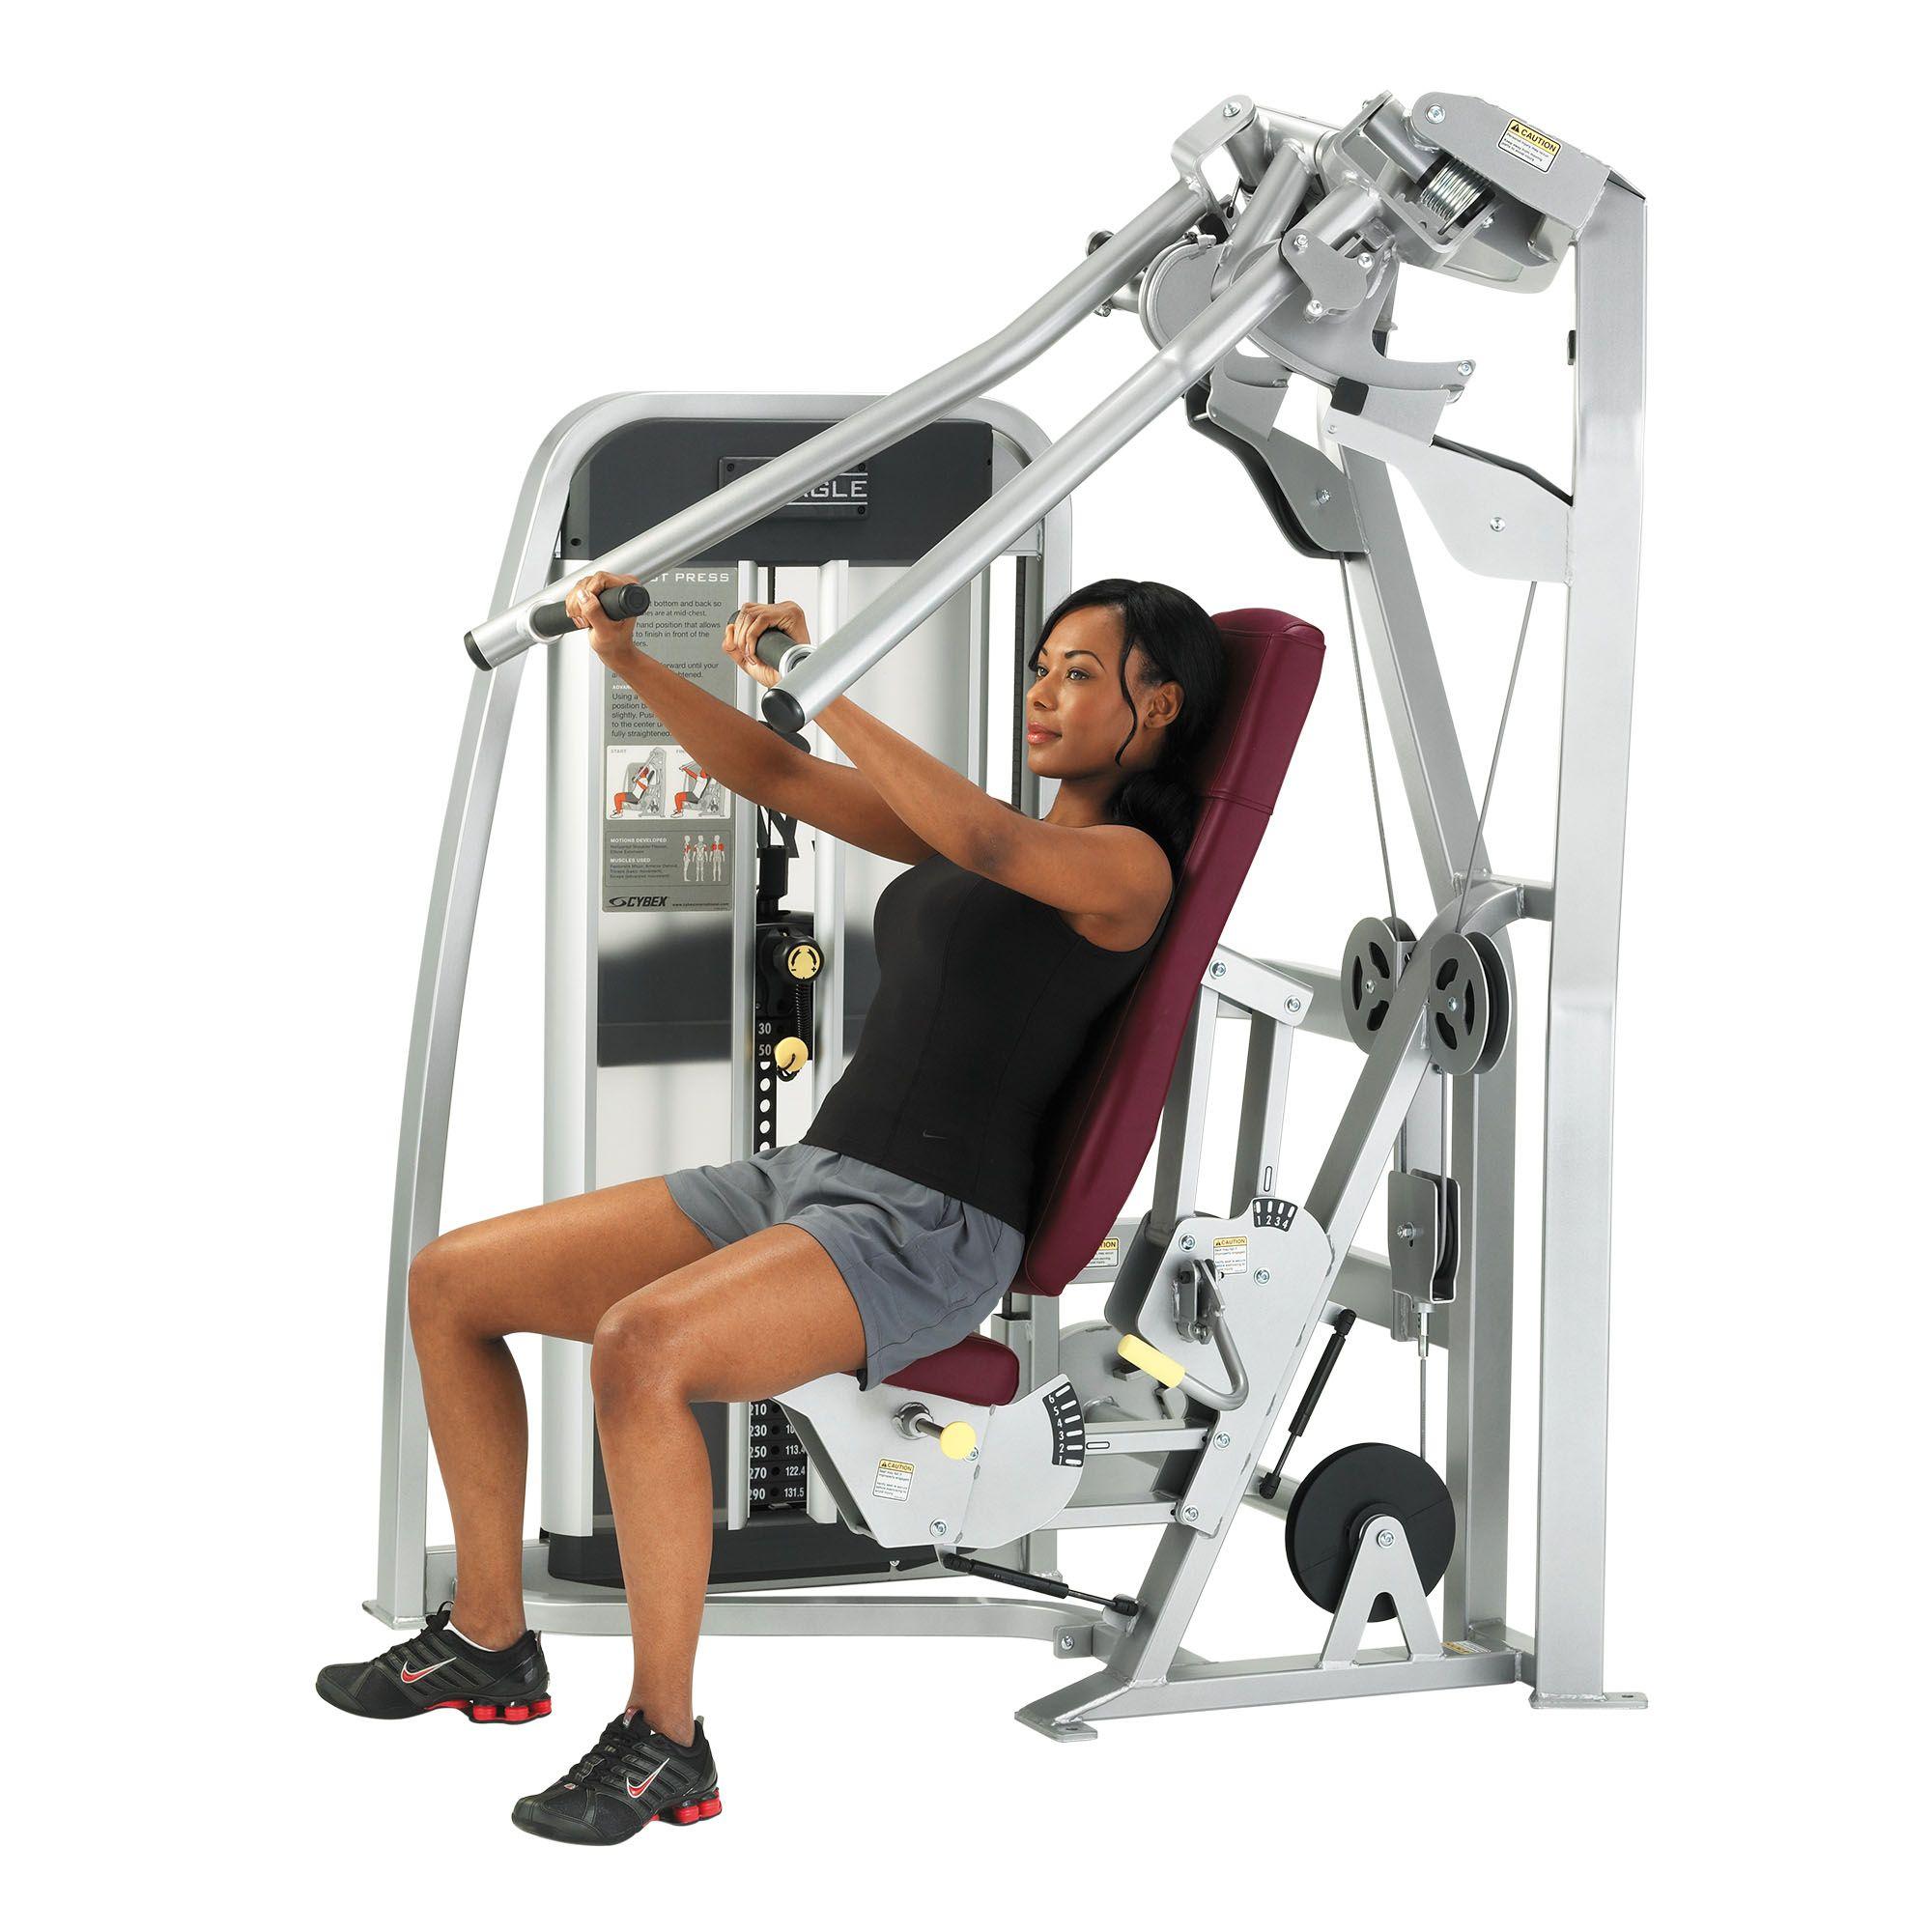 Pilates Equipment in Pictures advise